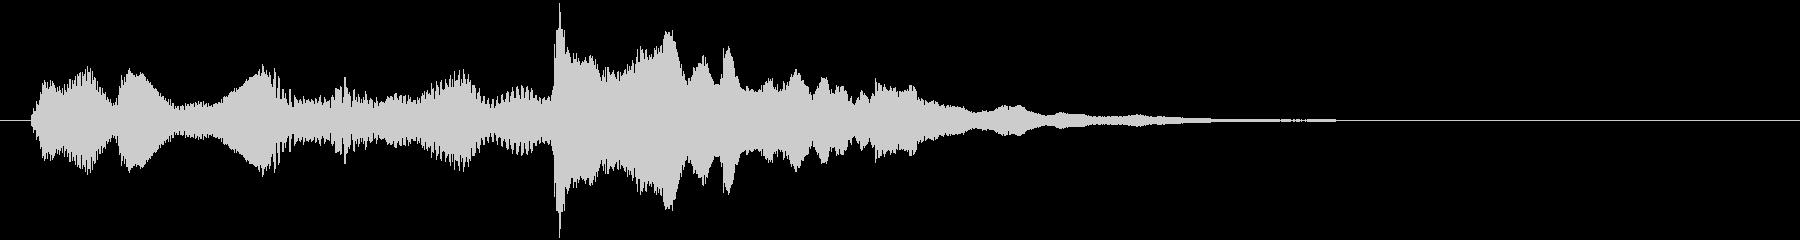 ベルトーンの爽やかなサウンドロゴの未再生の波形